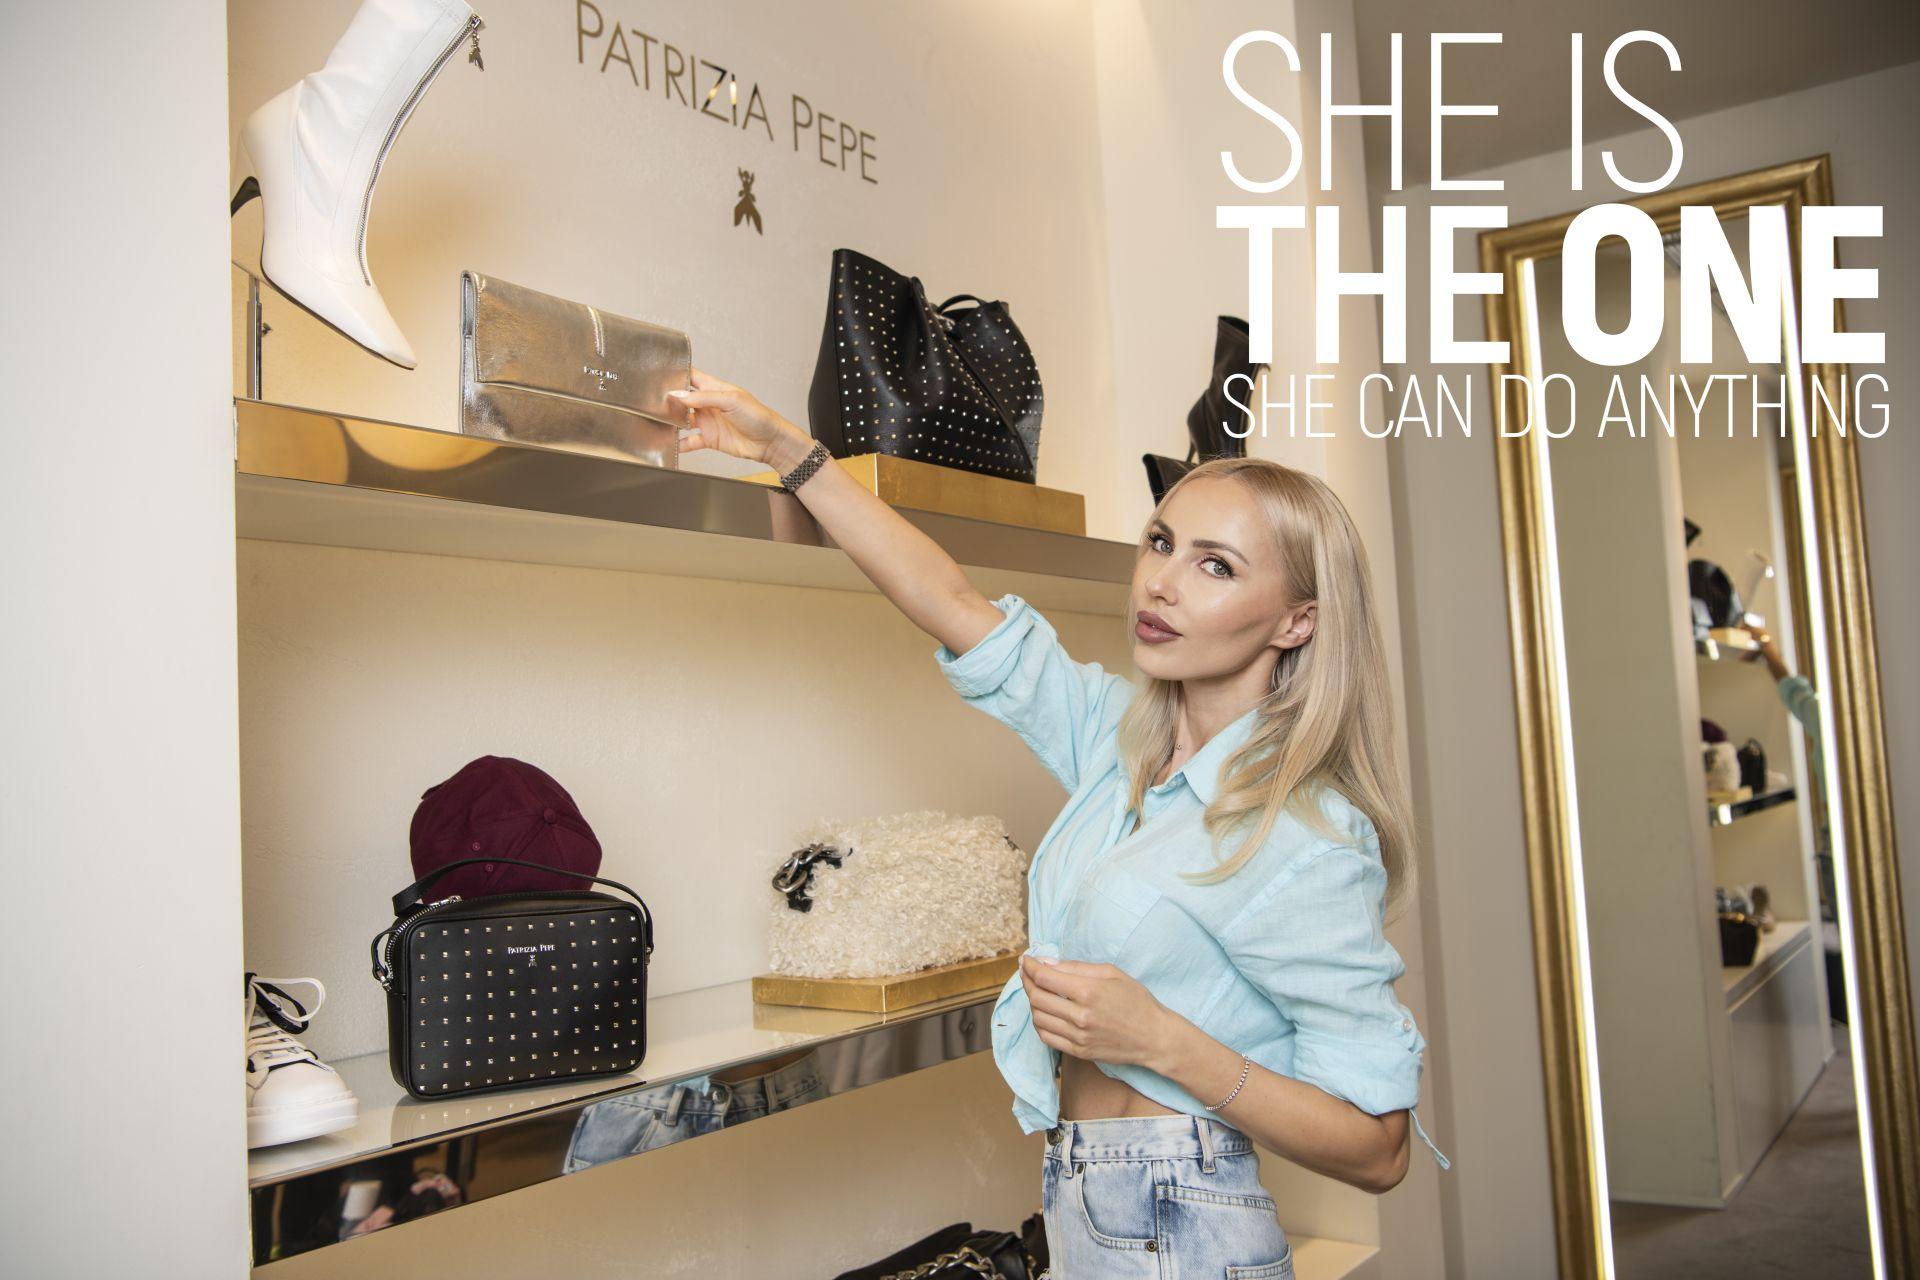 Жасмин Маджид в магазина на Patrizia PEPE